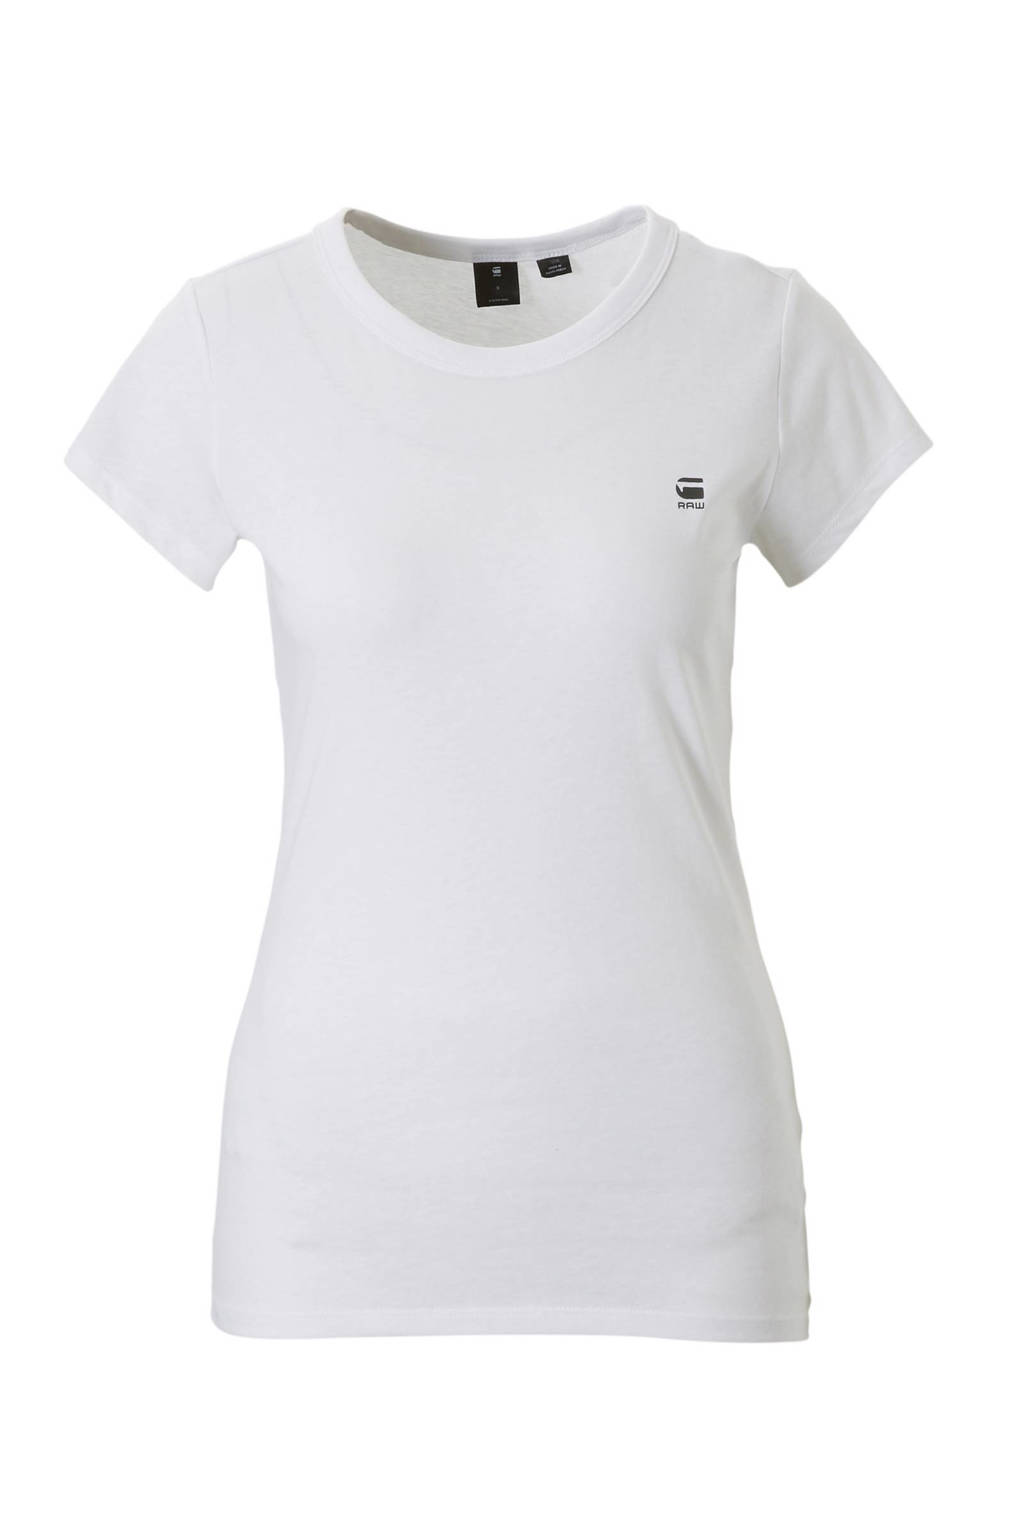 G-Star RAW Eyben T-shirt, Wit